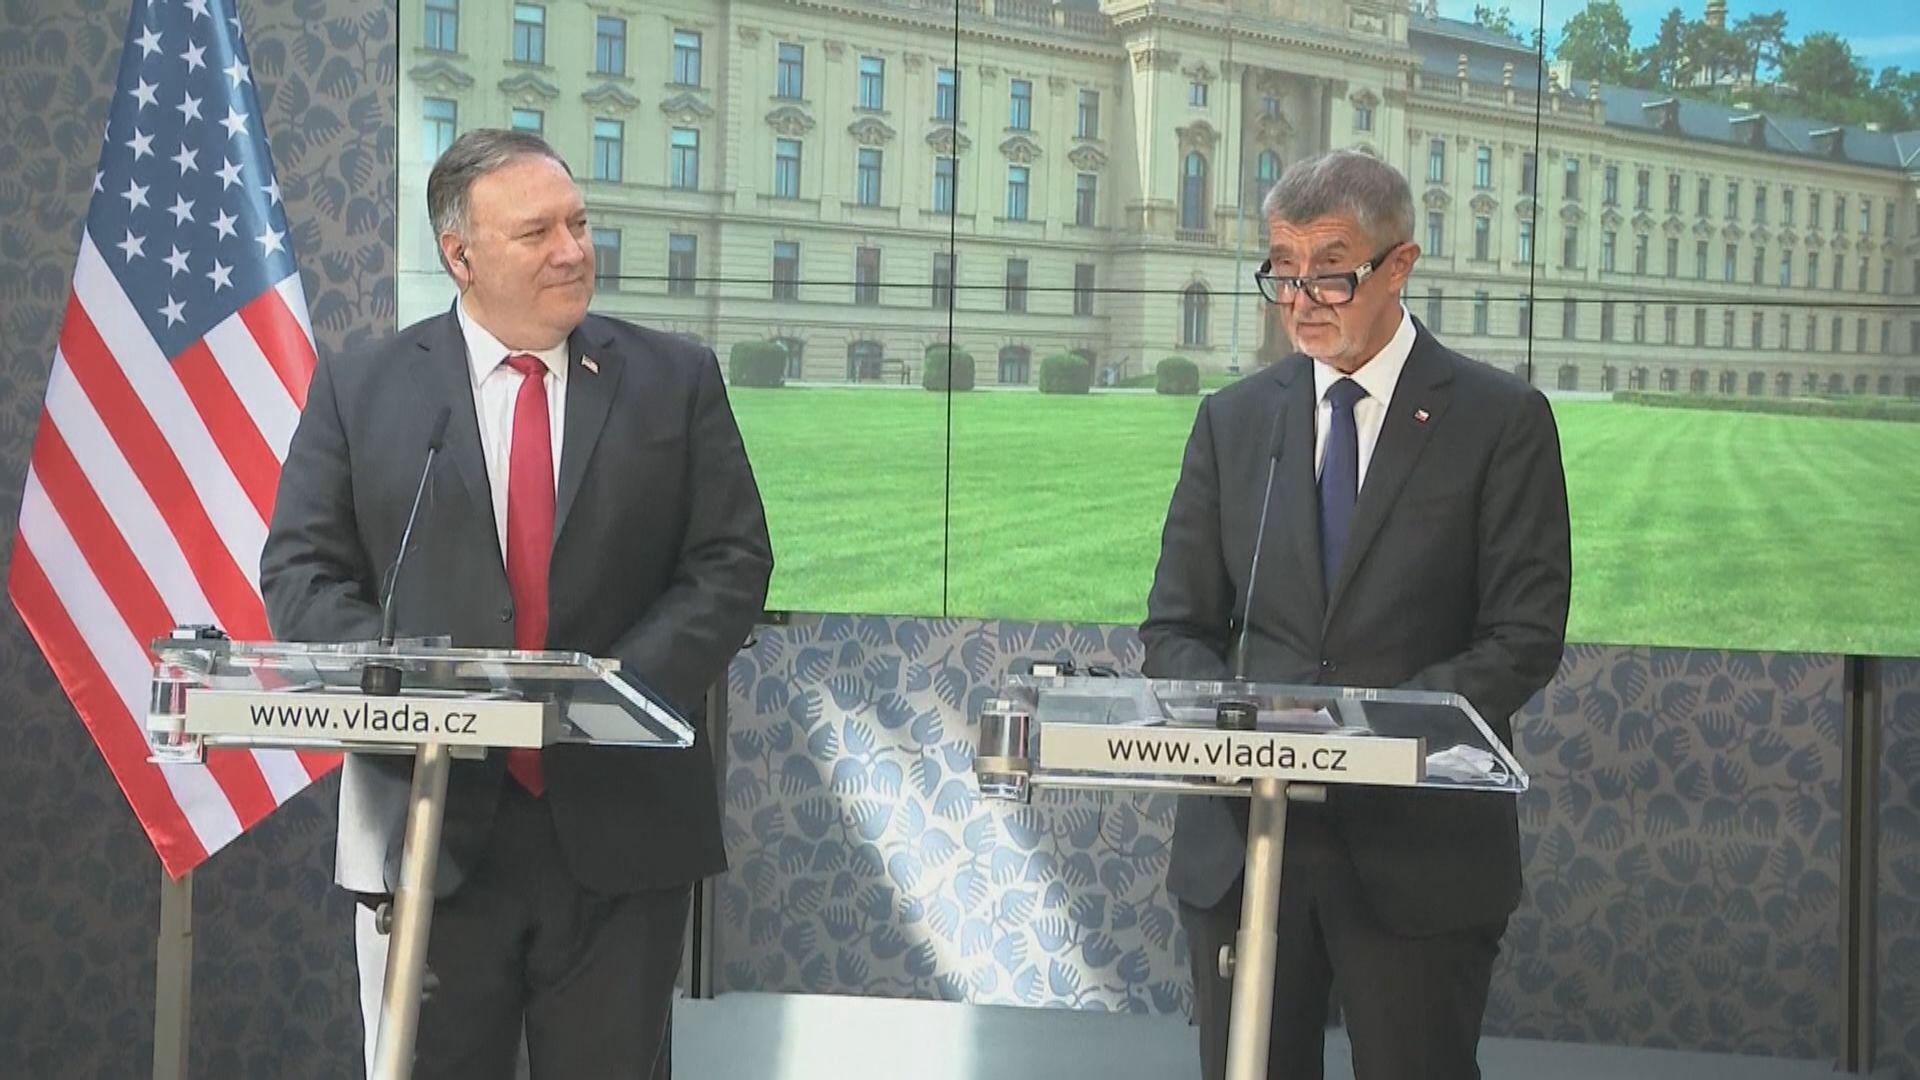 蓬佩奧:中共威脅捷克主權